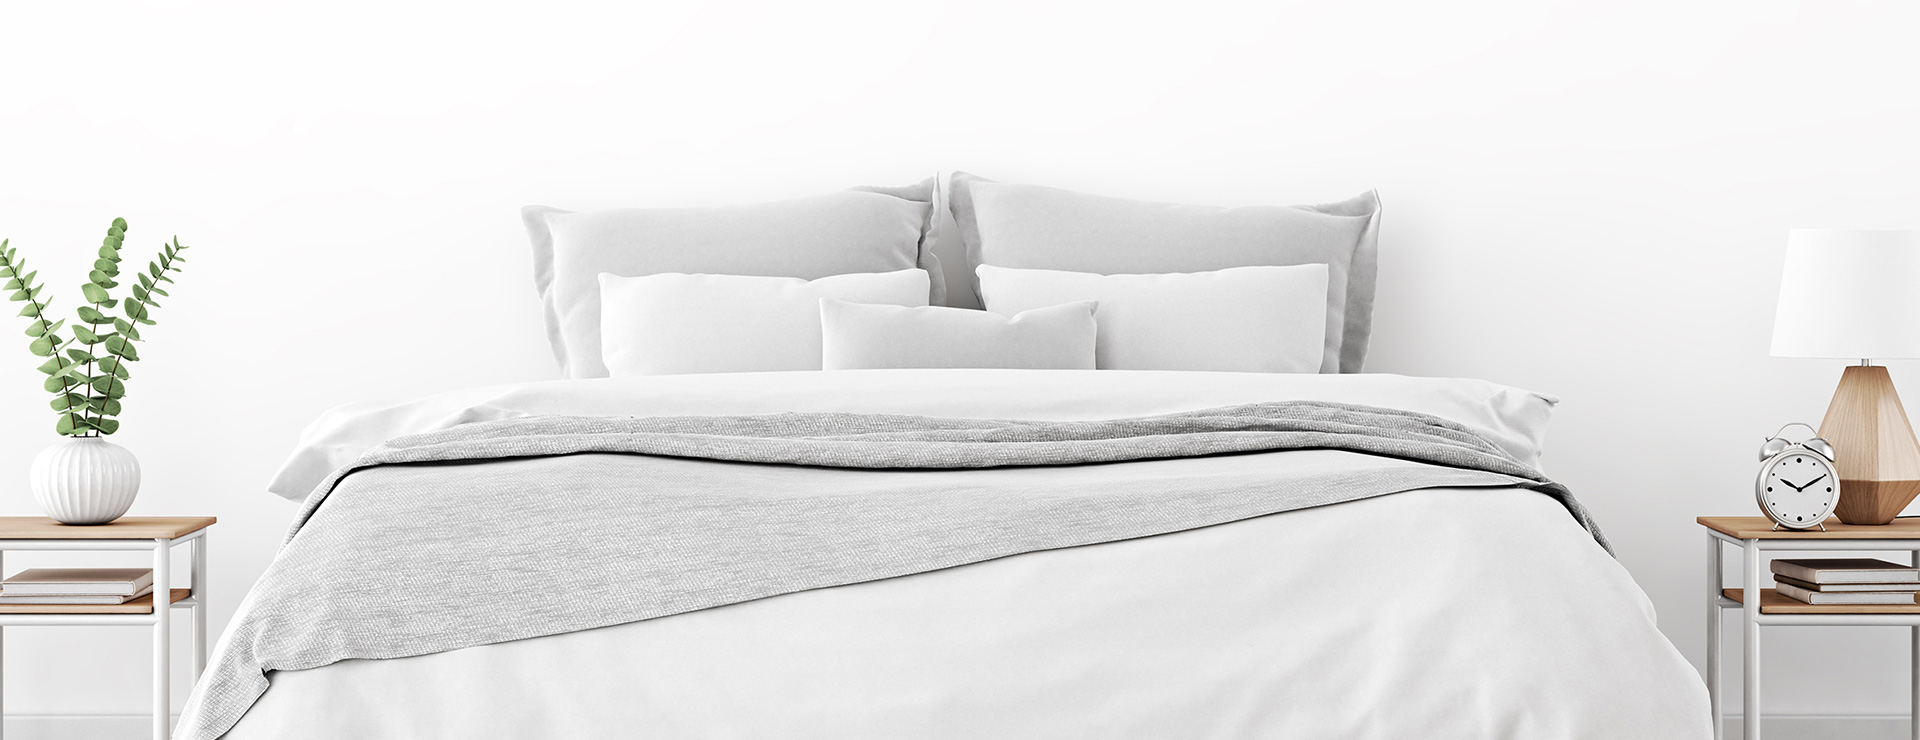 oreiller-memoire-de-forme